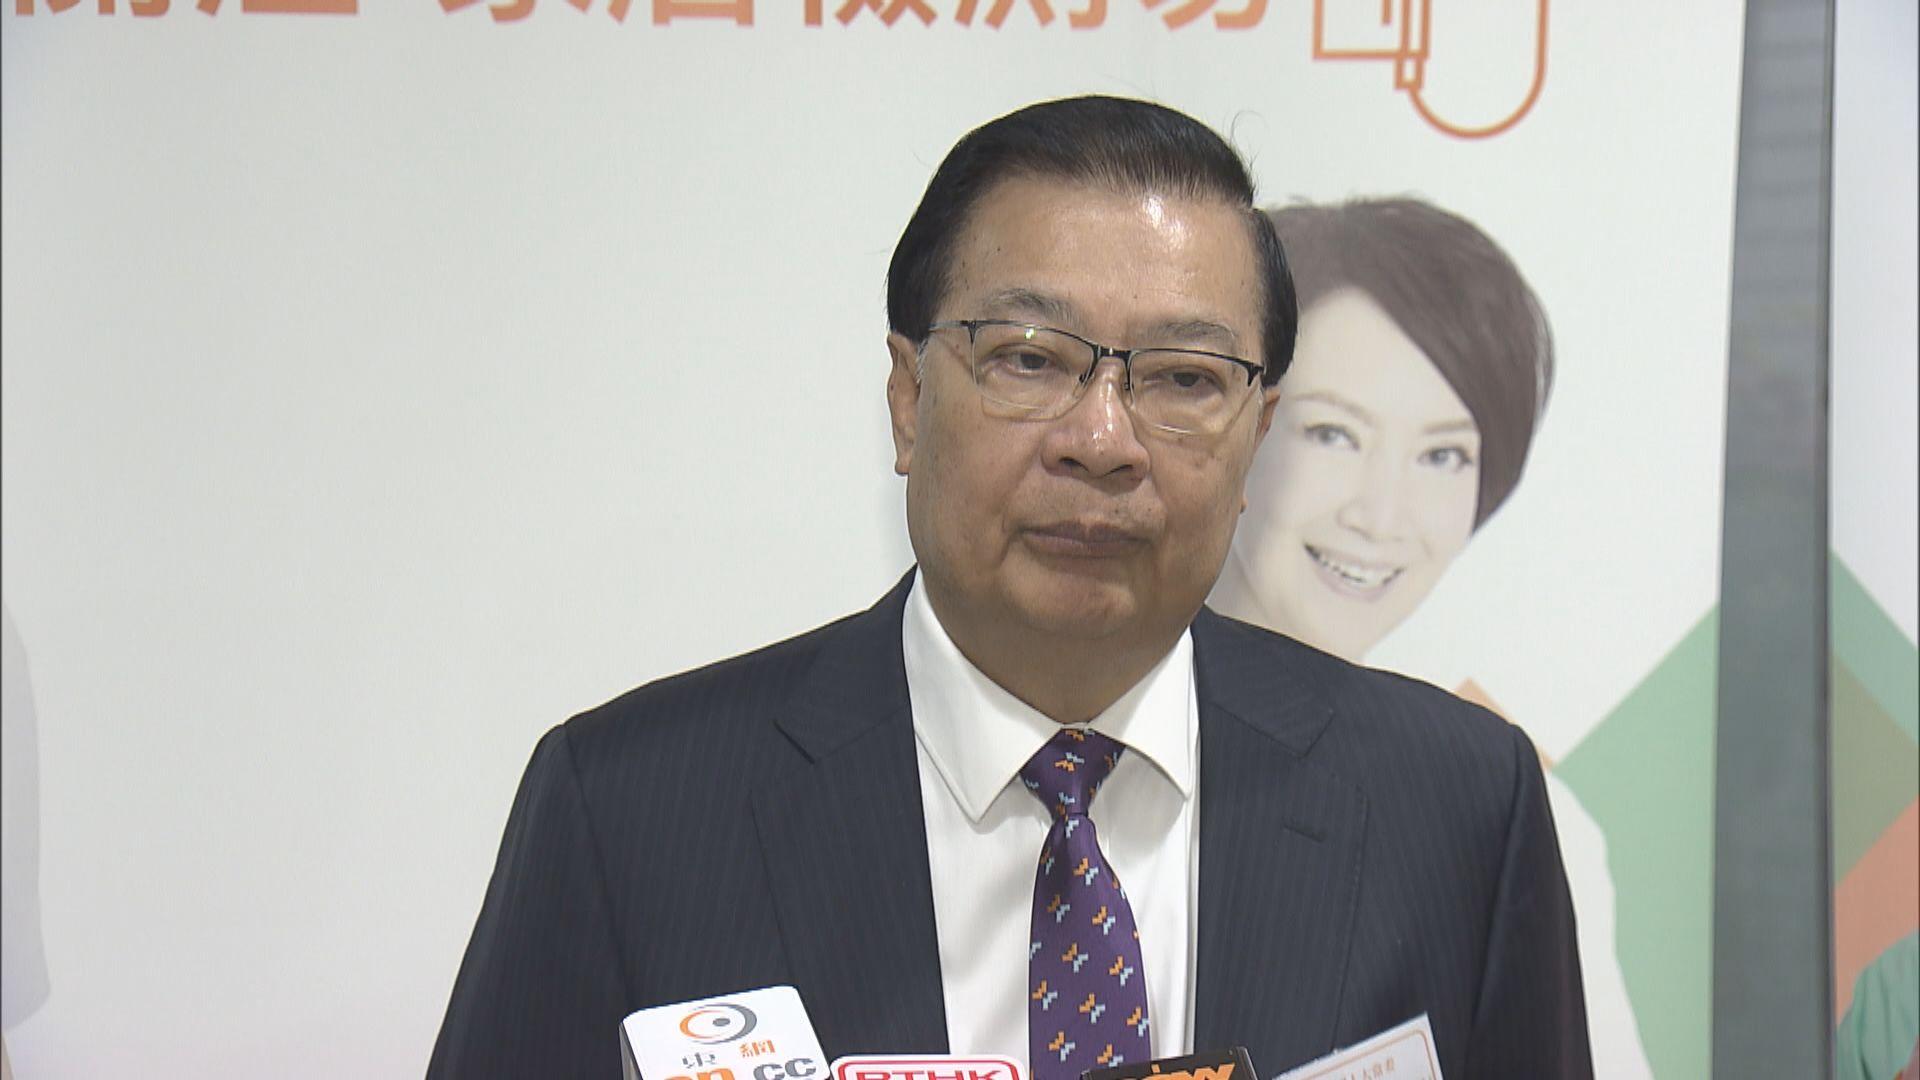 譚耀宗:獲邀參加改革開放代表團